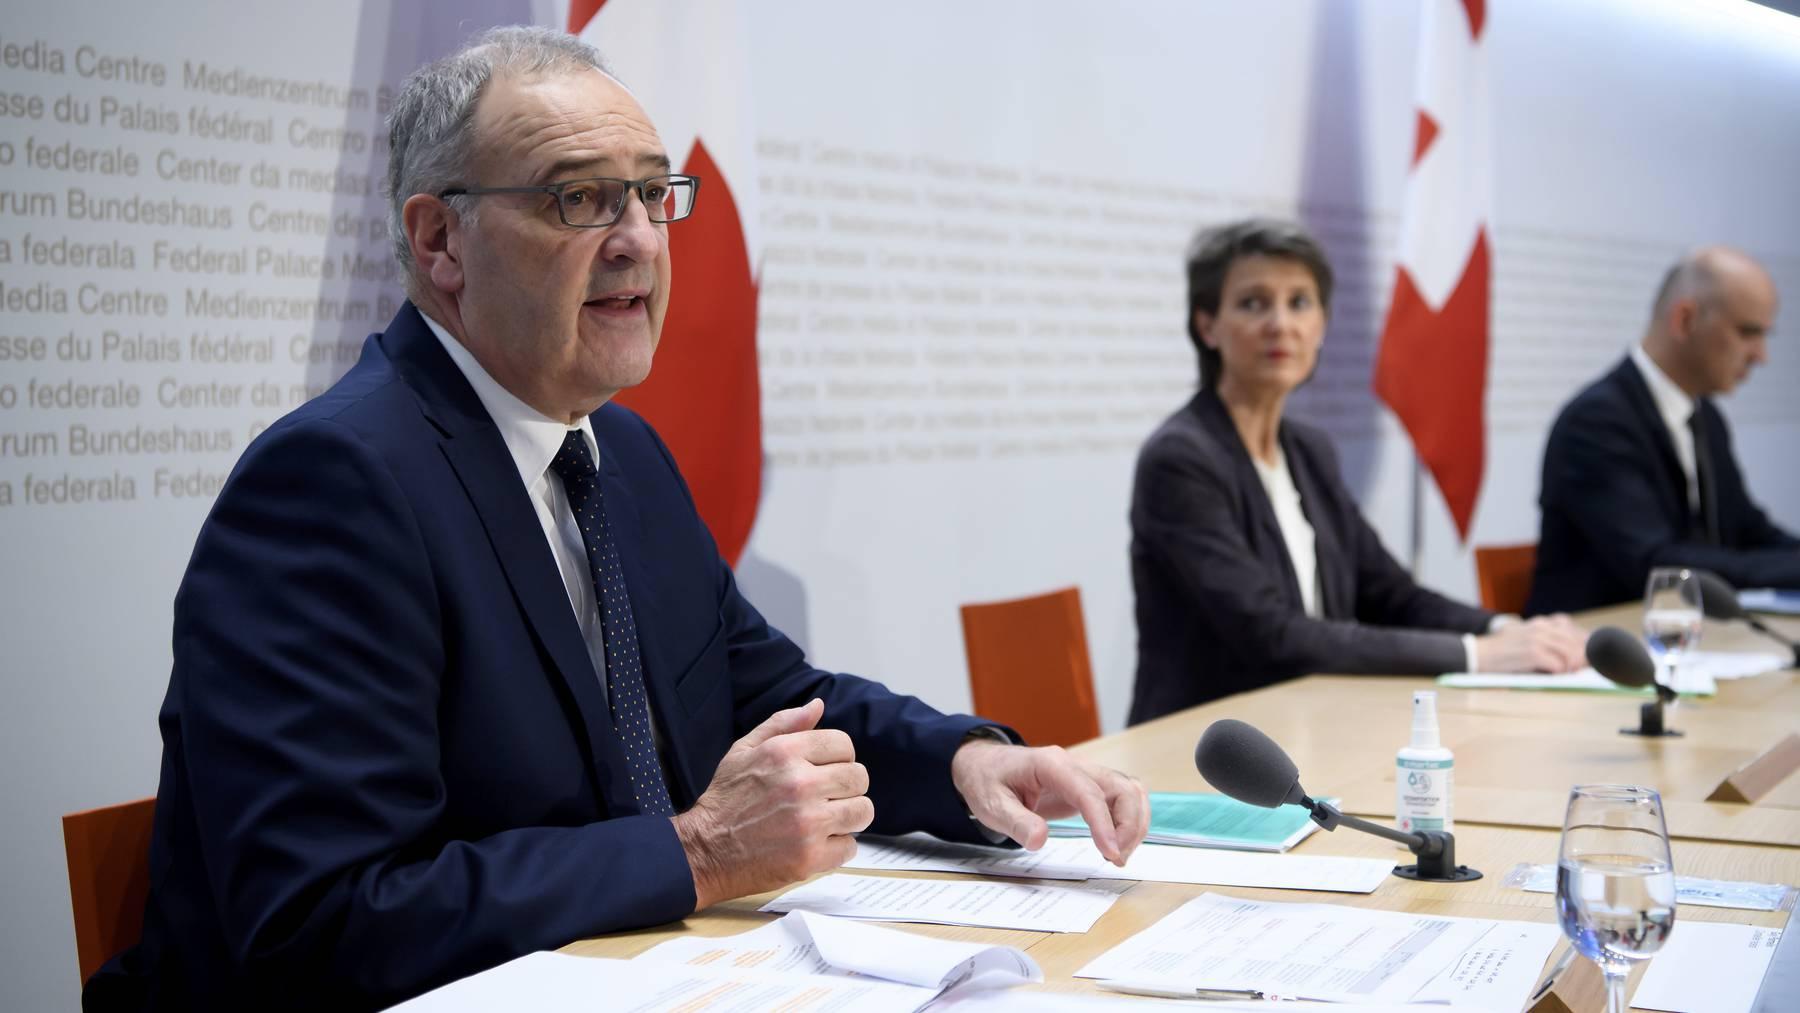 Setzt auf Anpassungsfähigkeit: Wirtschaftsminister Guy Parmelin an der Corona-Pressekonferenz des Bundes.